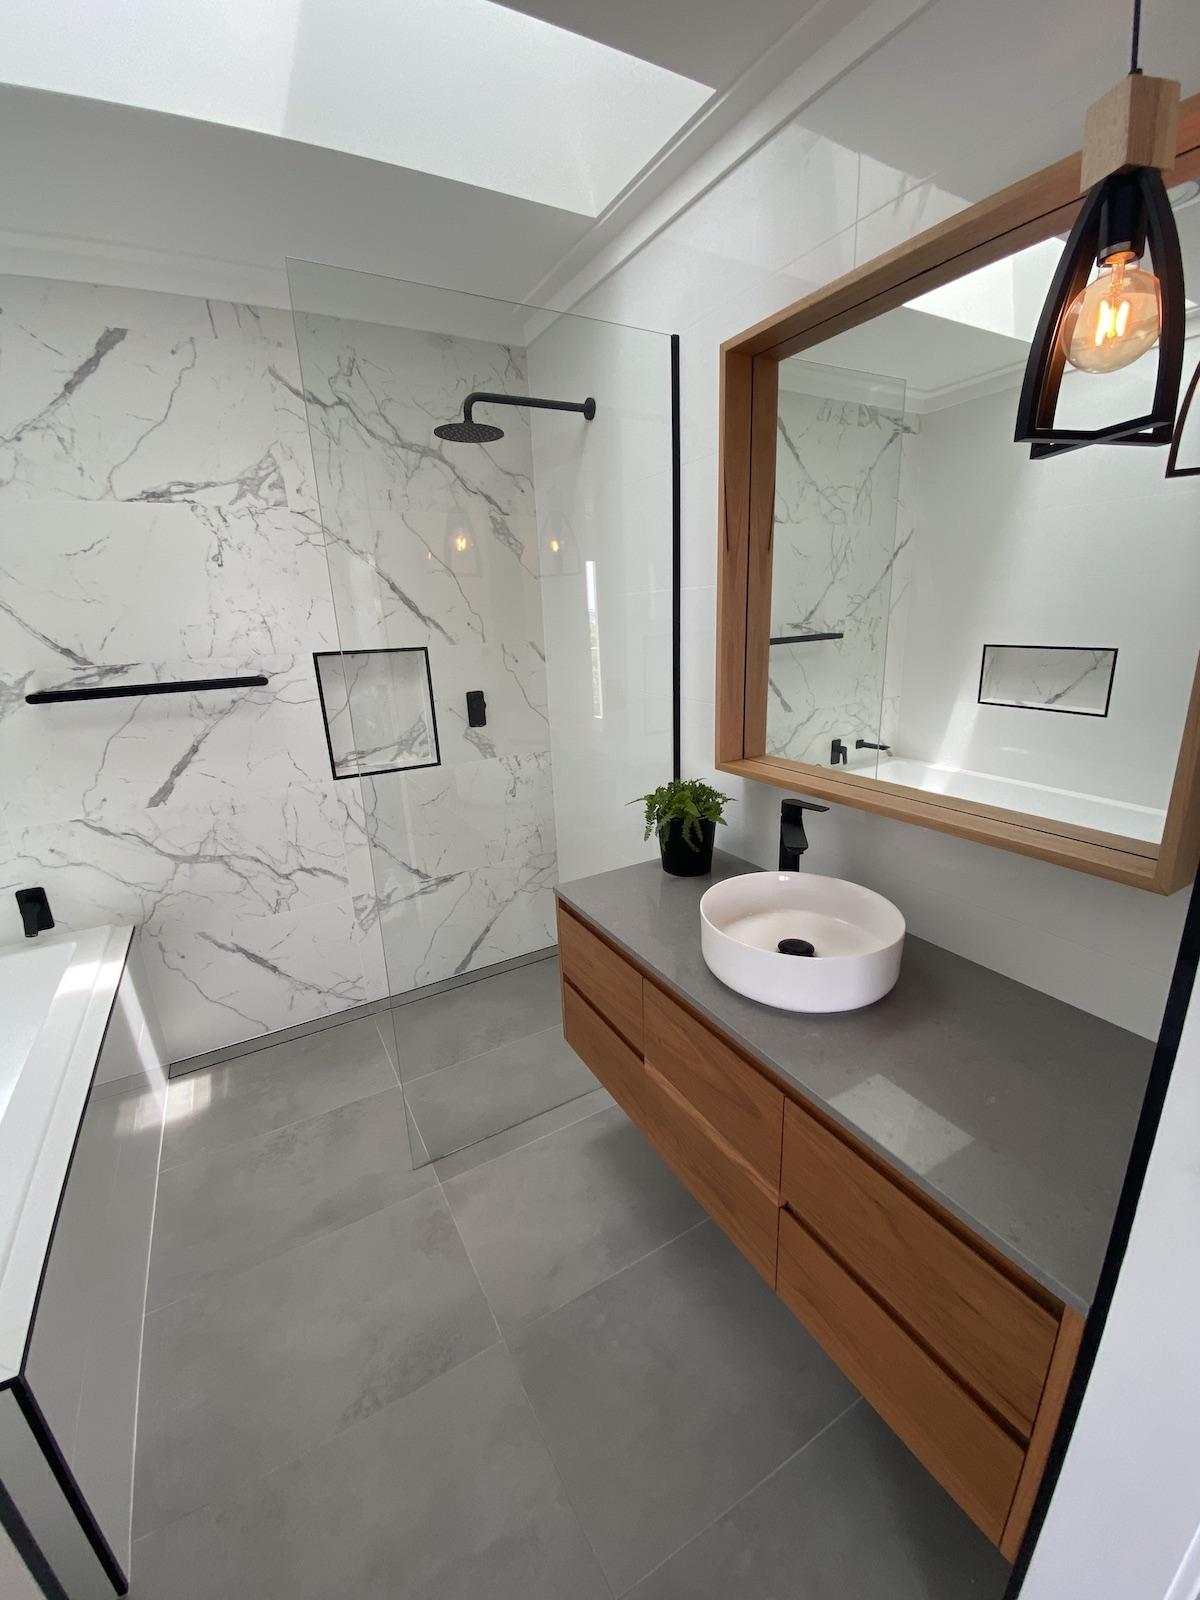 Bathroom quote